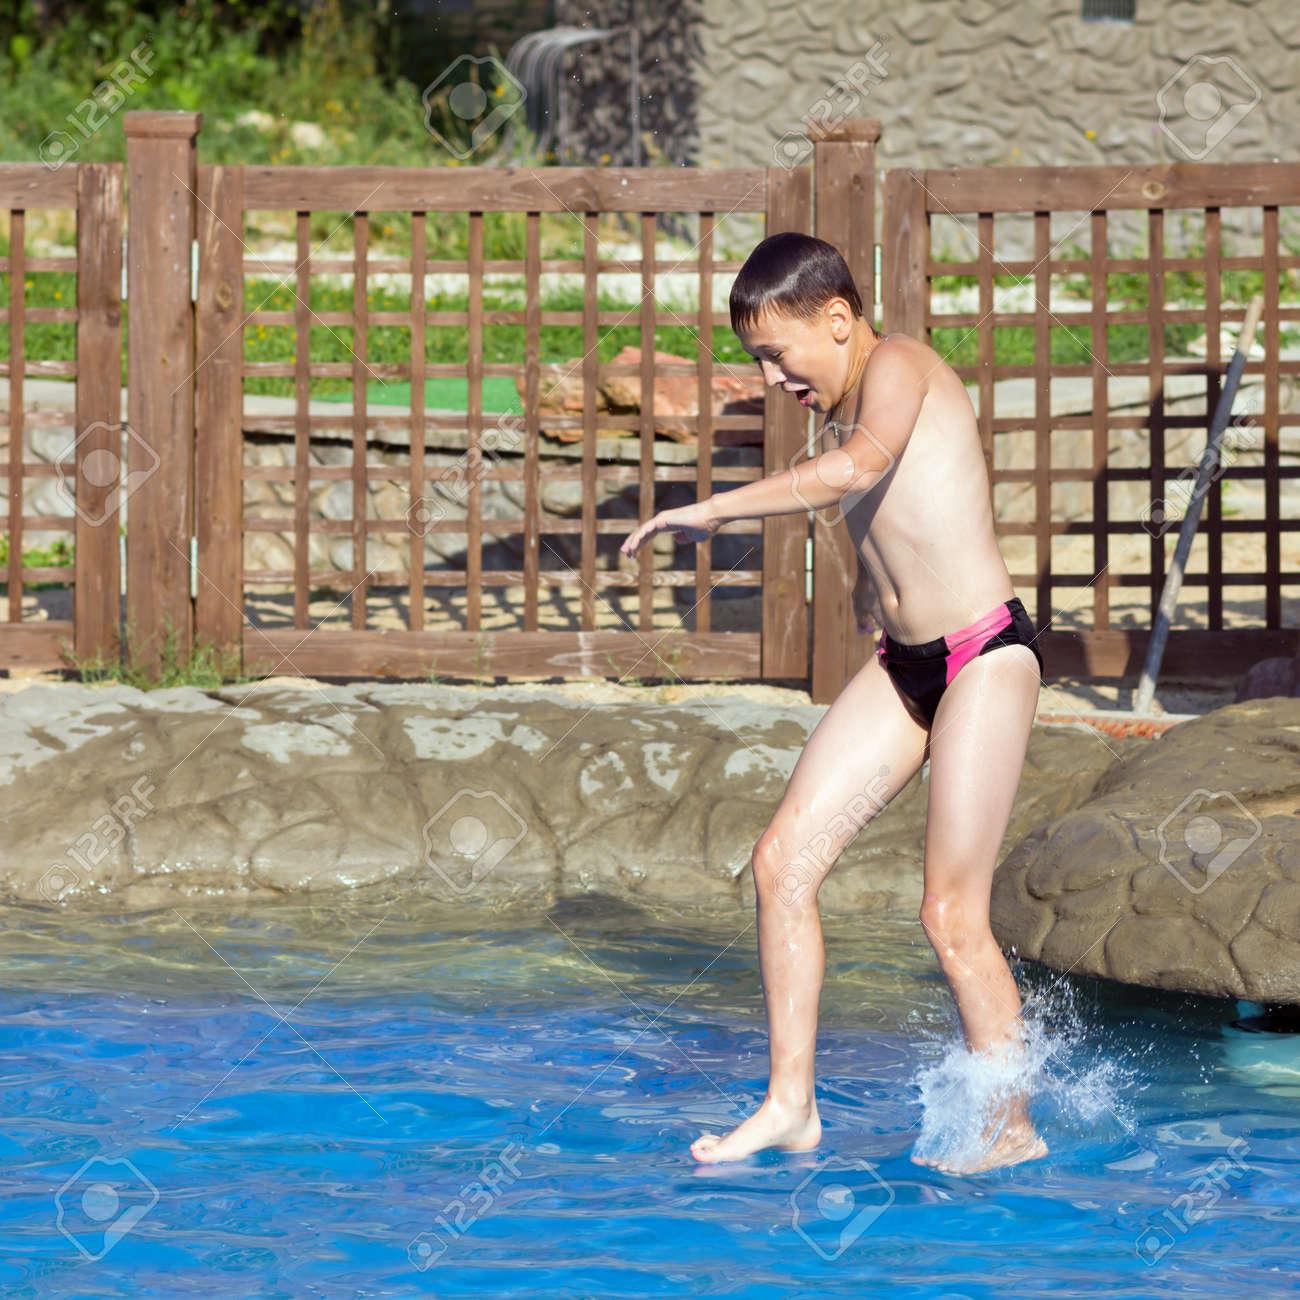 С мальчиком у бассейна 26 фотография